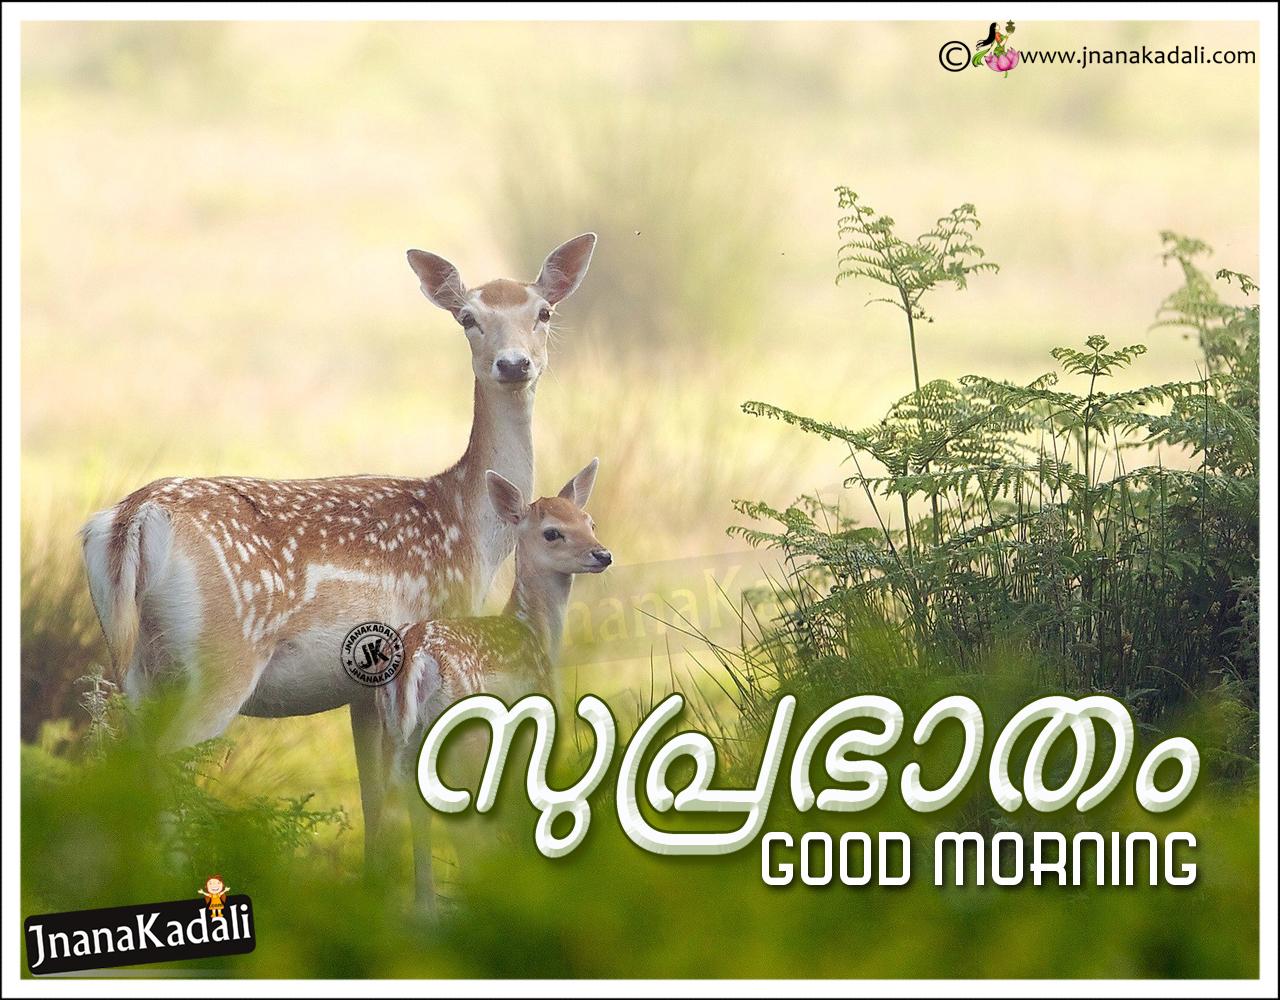 elegant good morning messages